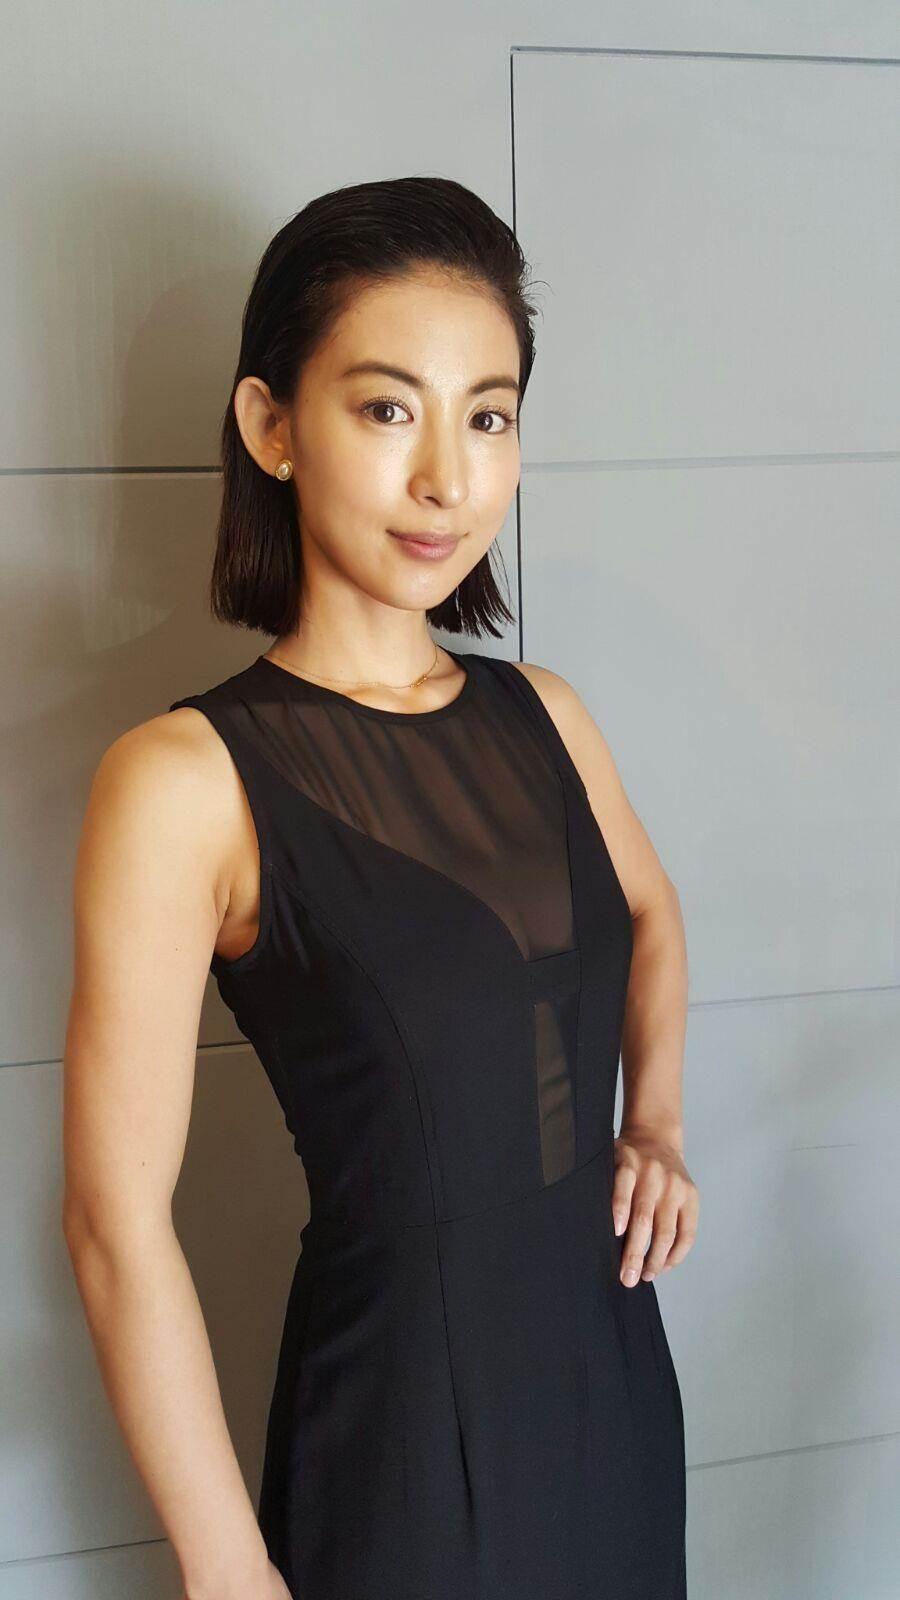 大久保麻梨子23日將上《女王的密室3》,坦承擔心直播時中文不輪轉。(圖/台視提供)